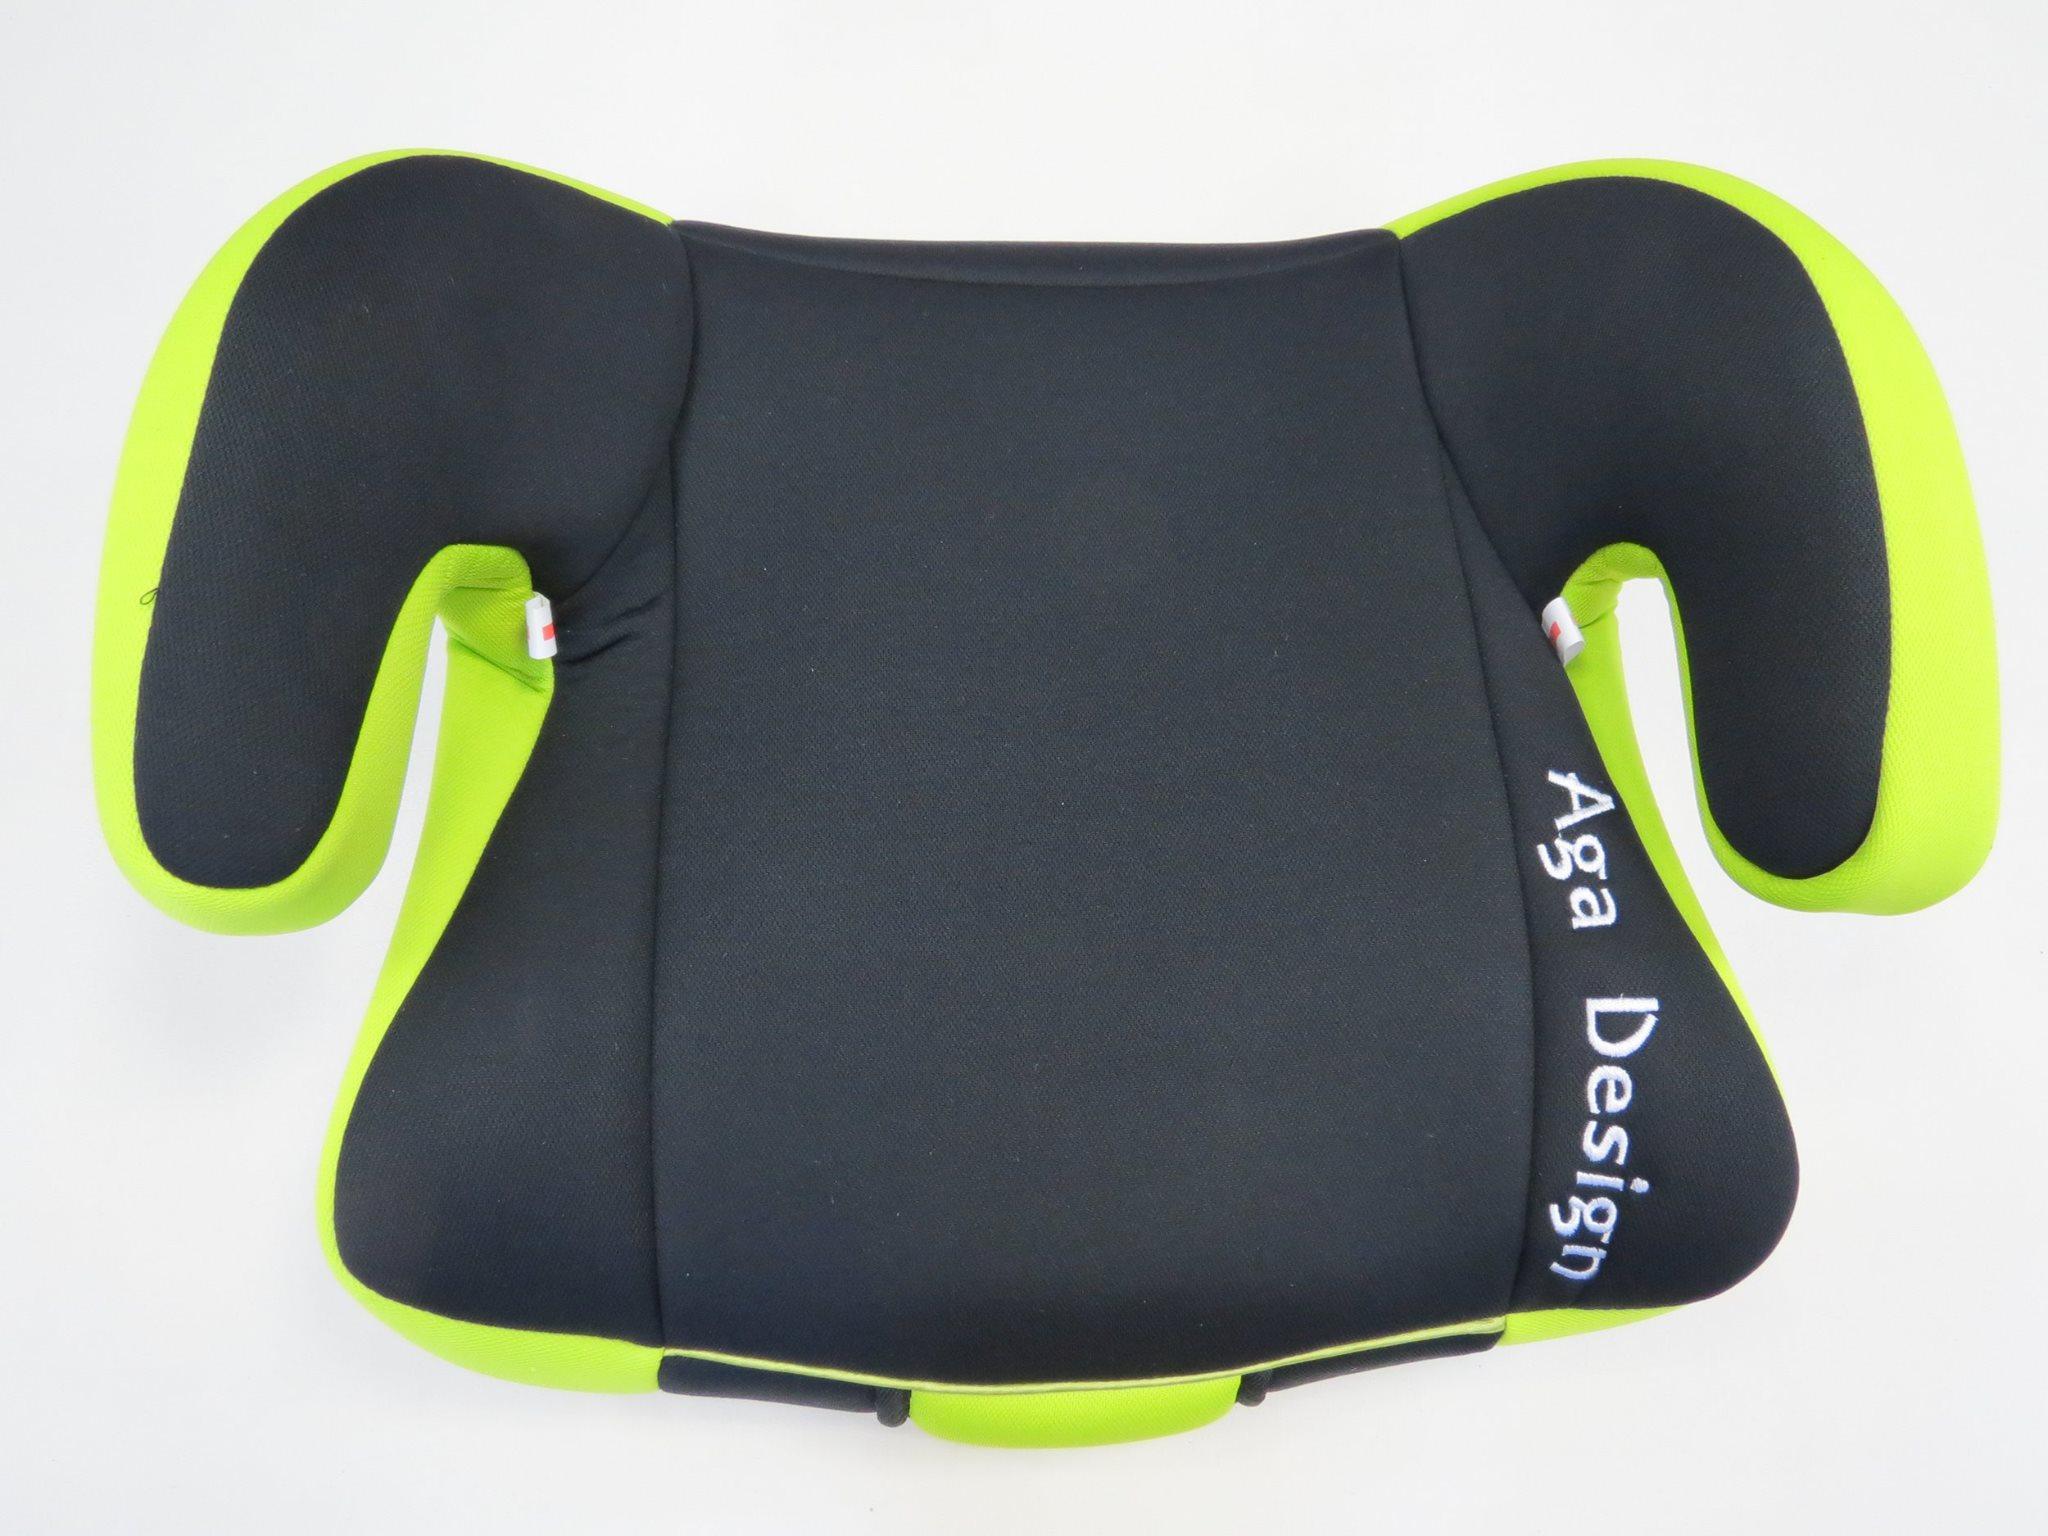 Bērnu autokrēsls 15-36 kg Aga2